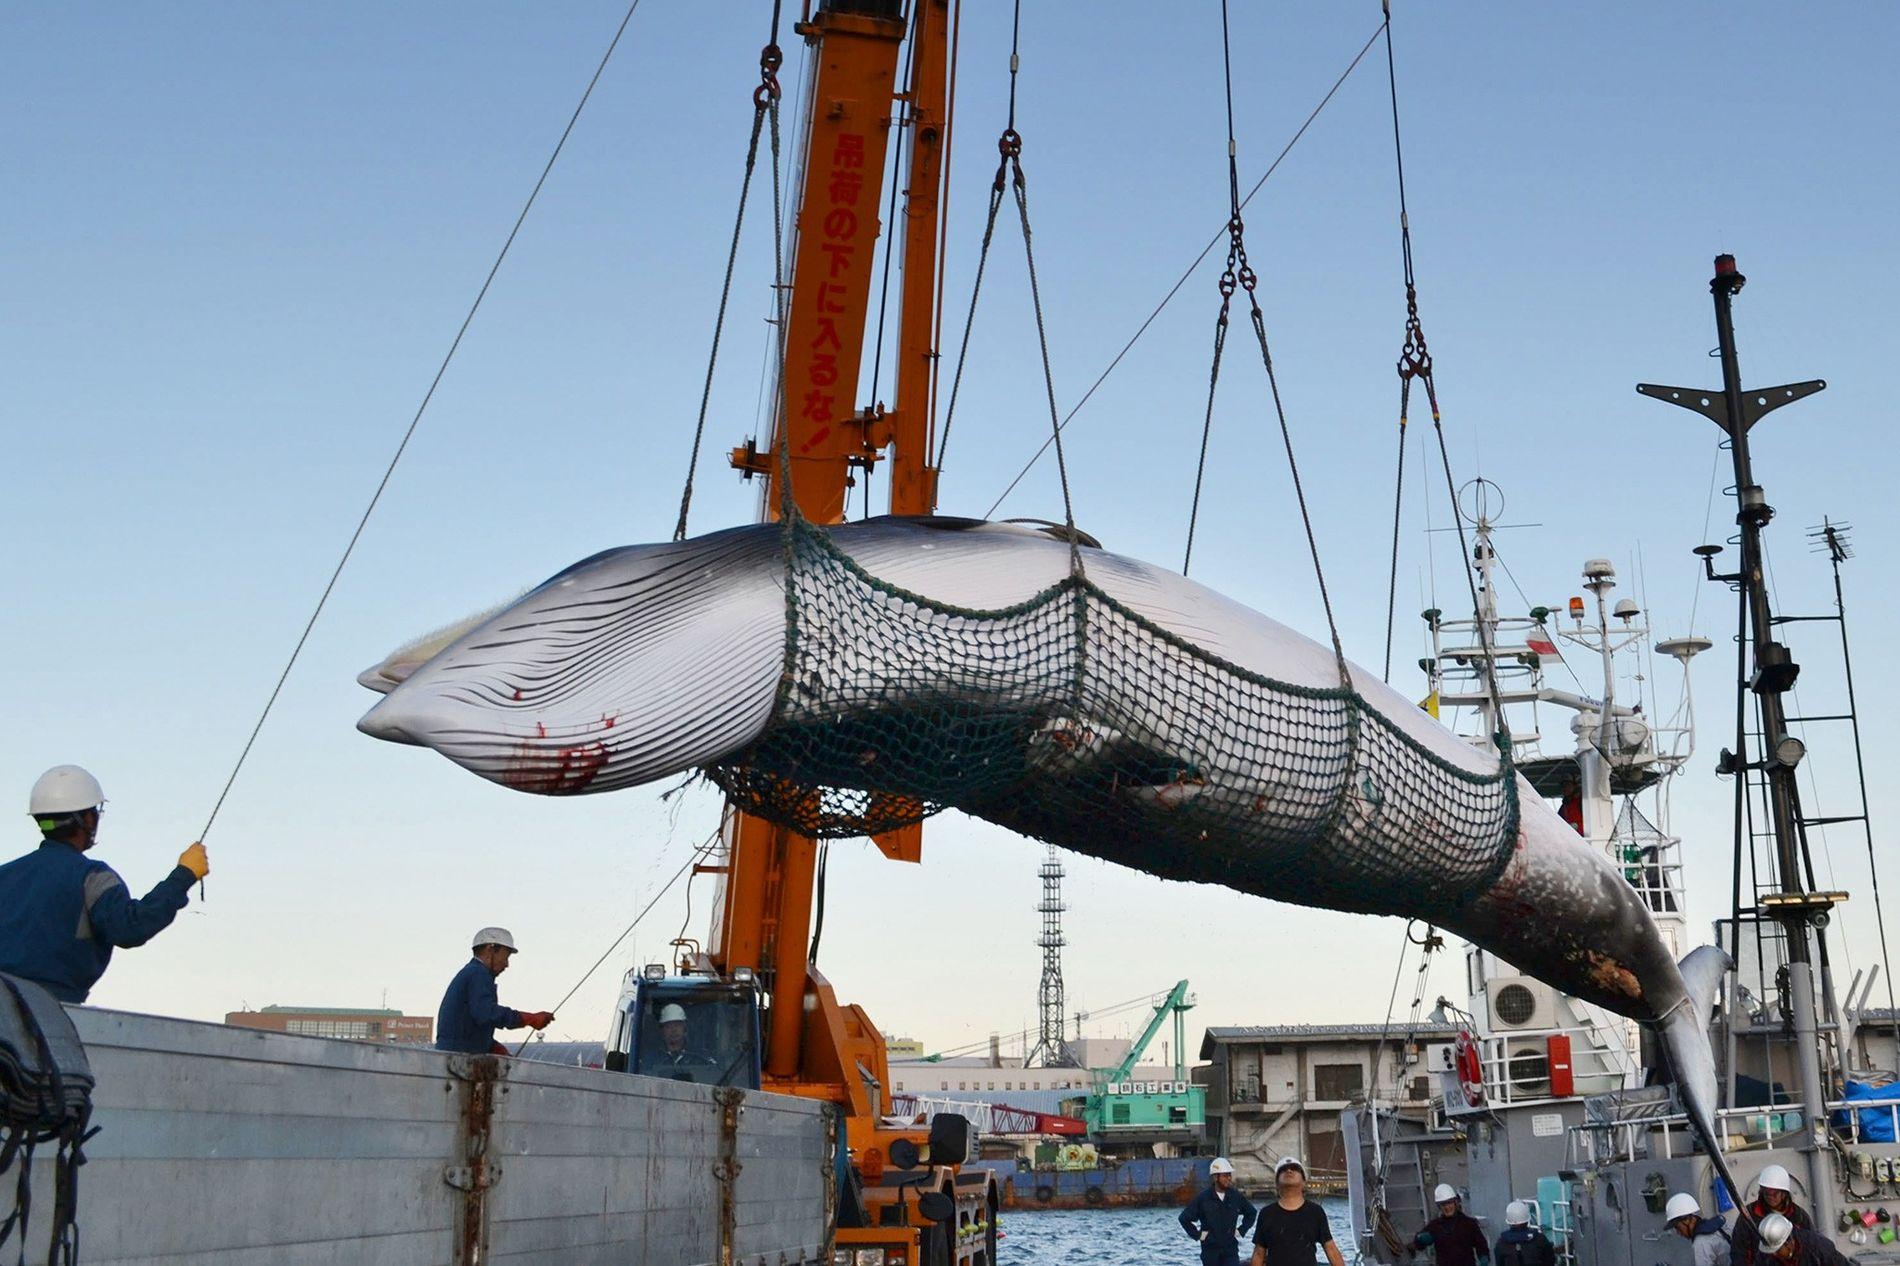 Les baleines de Minke, comme celle ci-dessus déchargée dans un port japonais, ont été ciblées par le programme de « pêche à la baleine à visée scientifique » du pays.